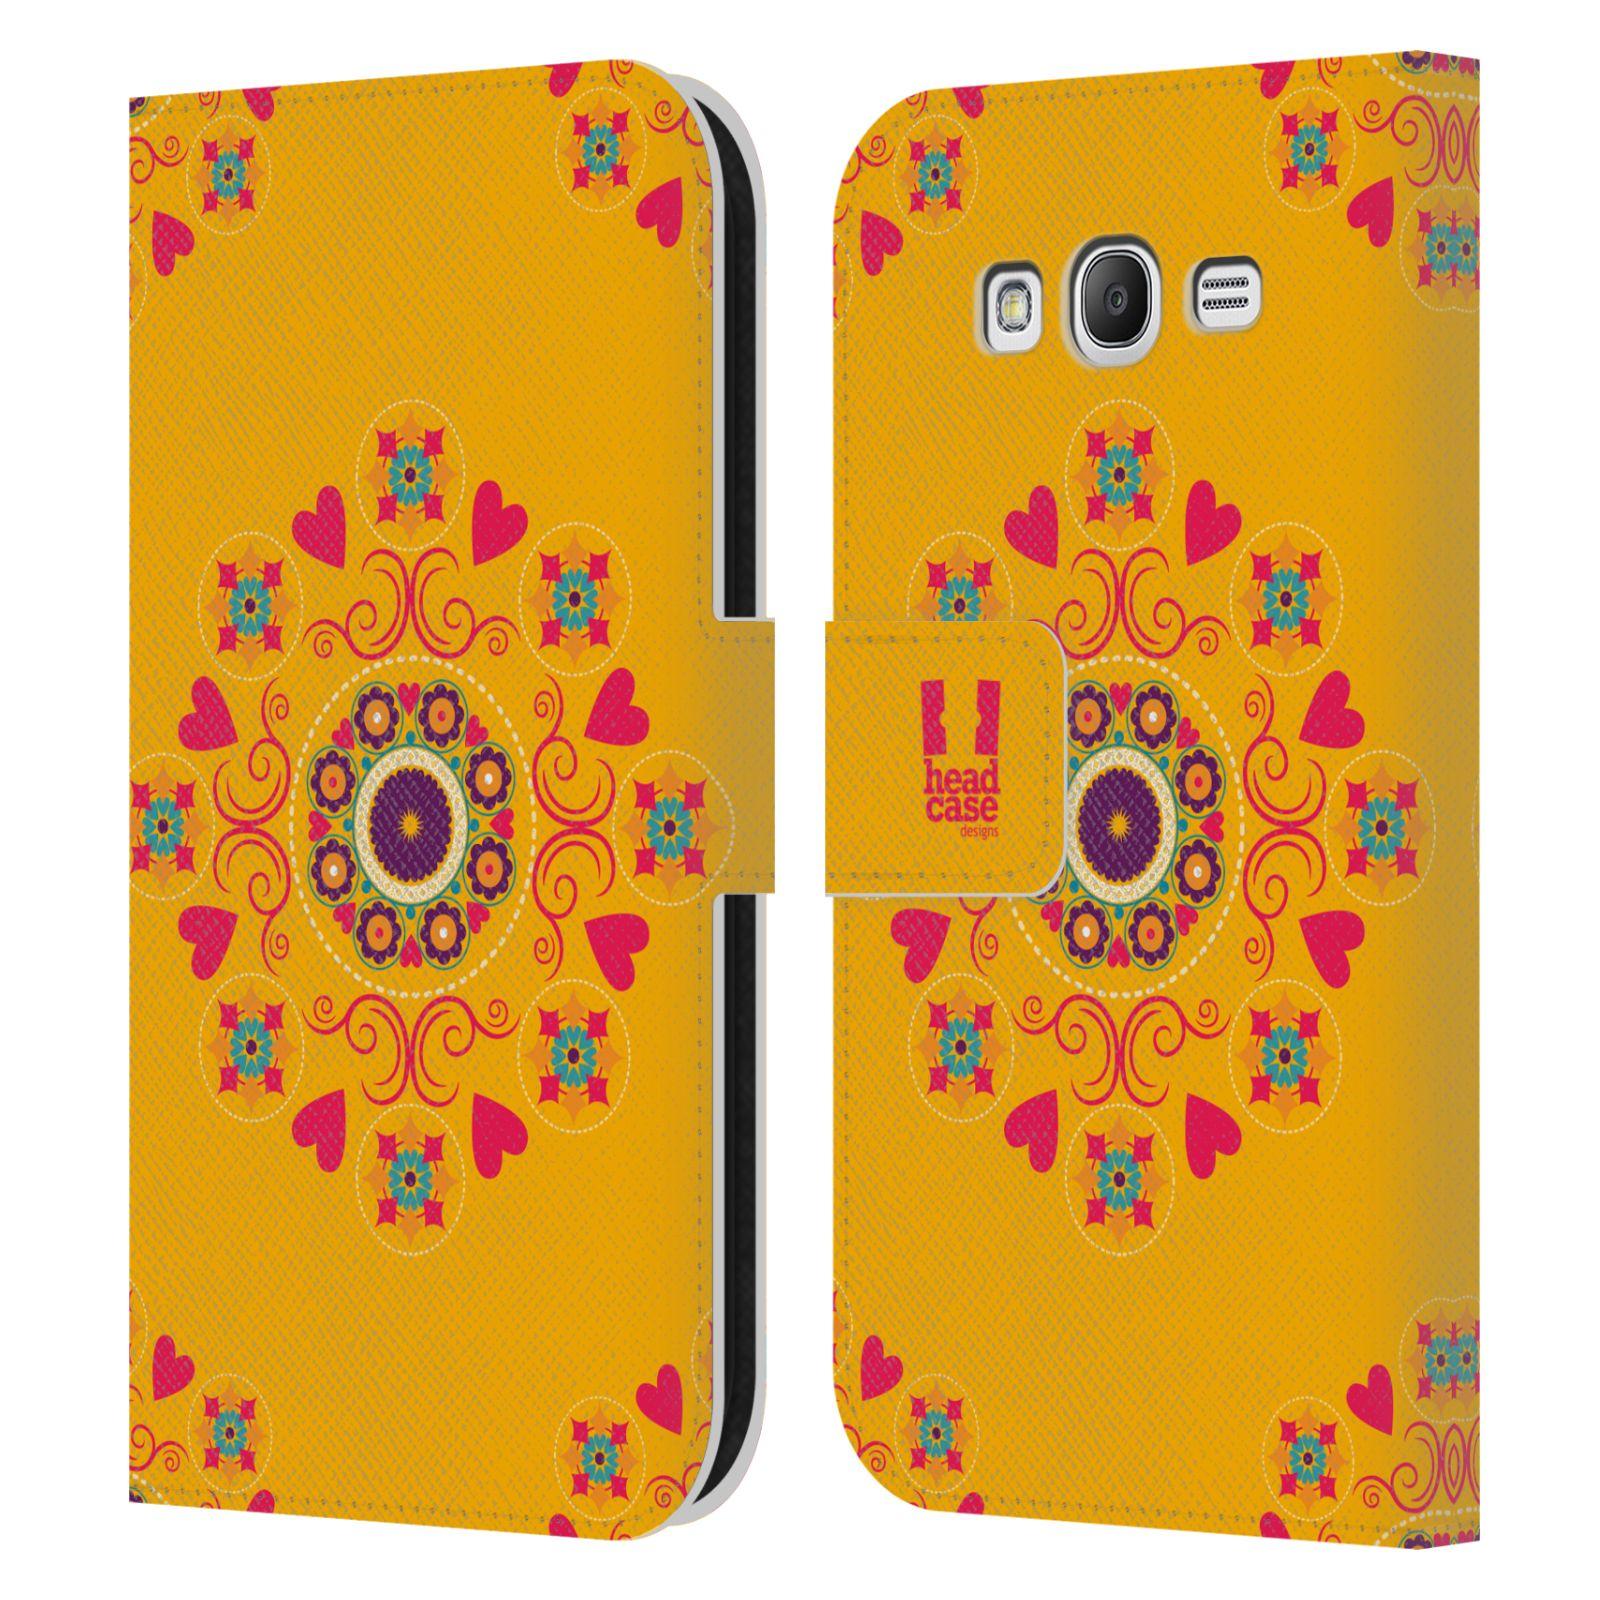 HEAD CASE Flipové pouzdro pro mobil Samsung Galaxy Grand i9080 Slovanský vzor květiny a srdíčka žlutá